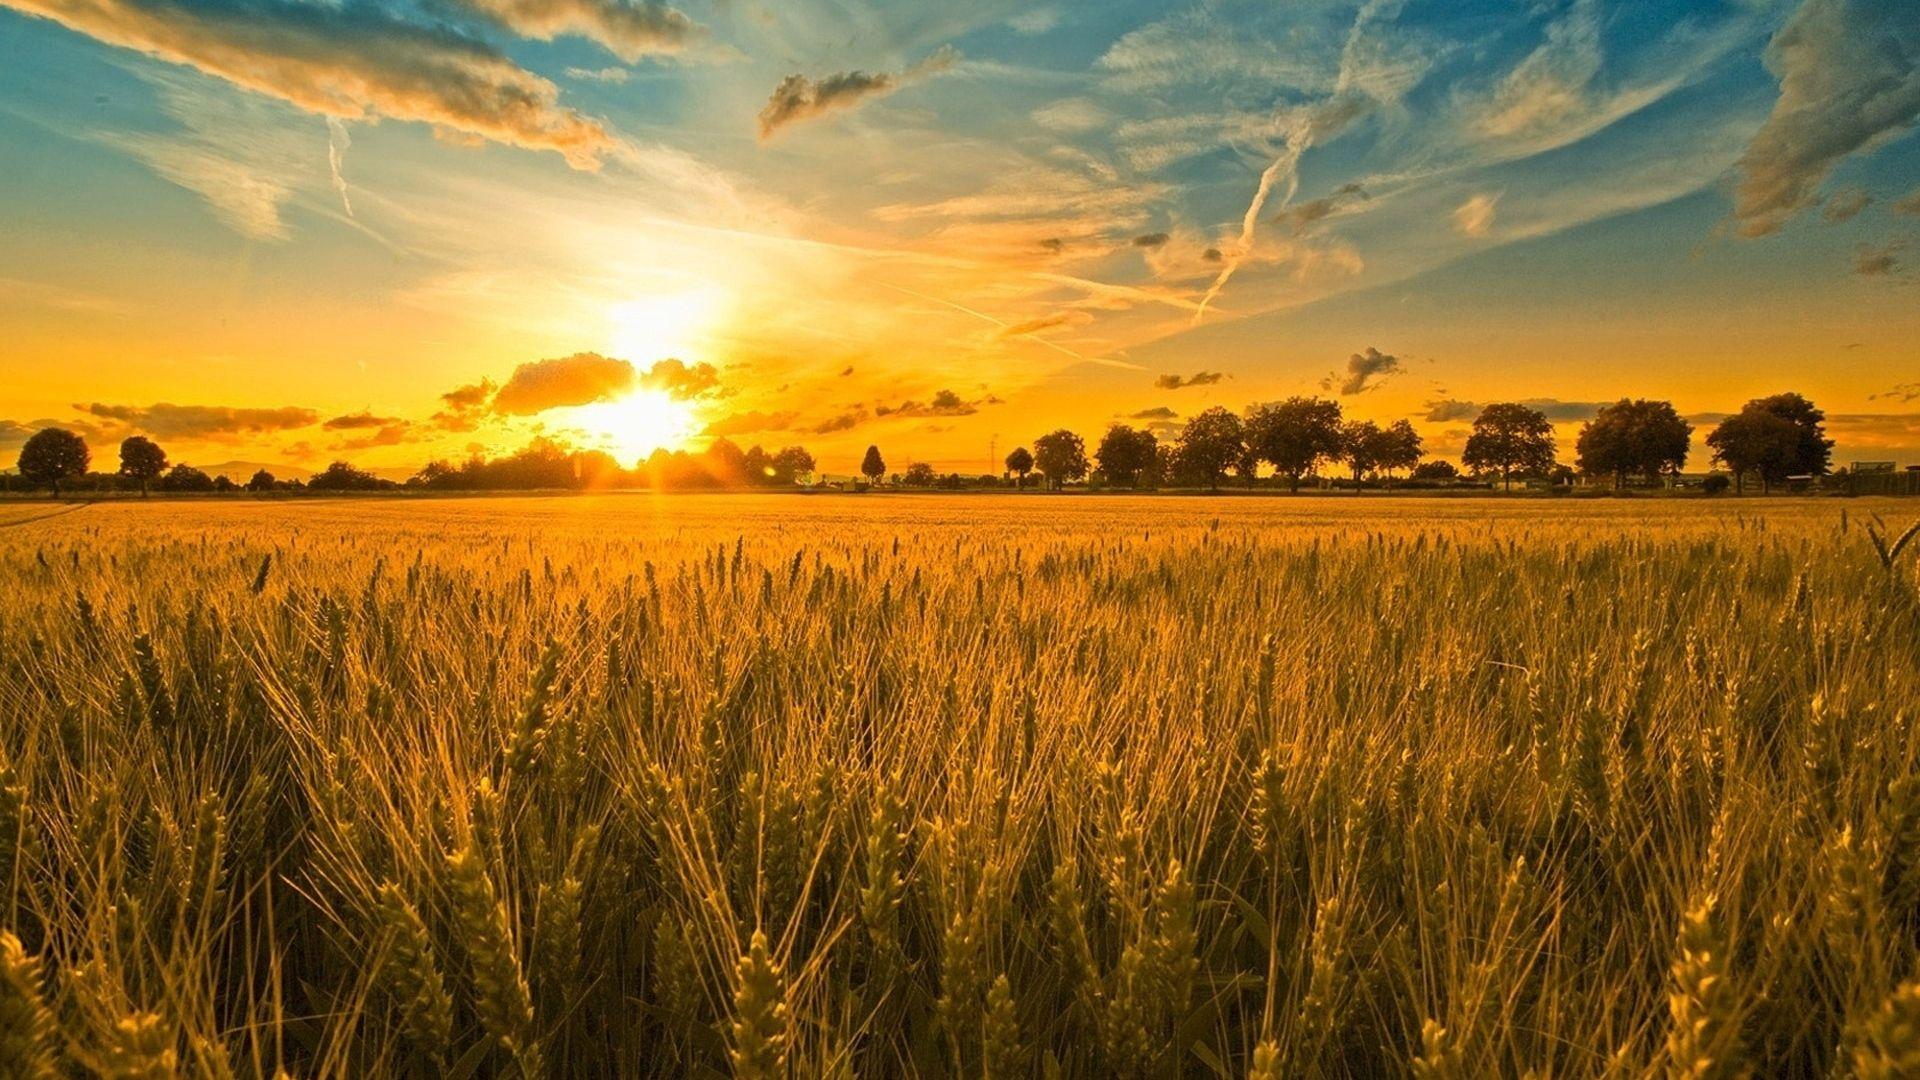 field, ears, cereals - http://www.wallpapers4u.org/field-ears-cereals/